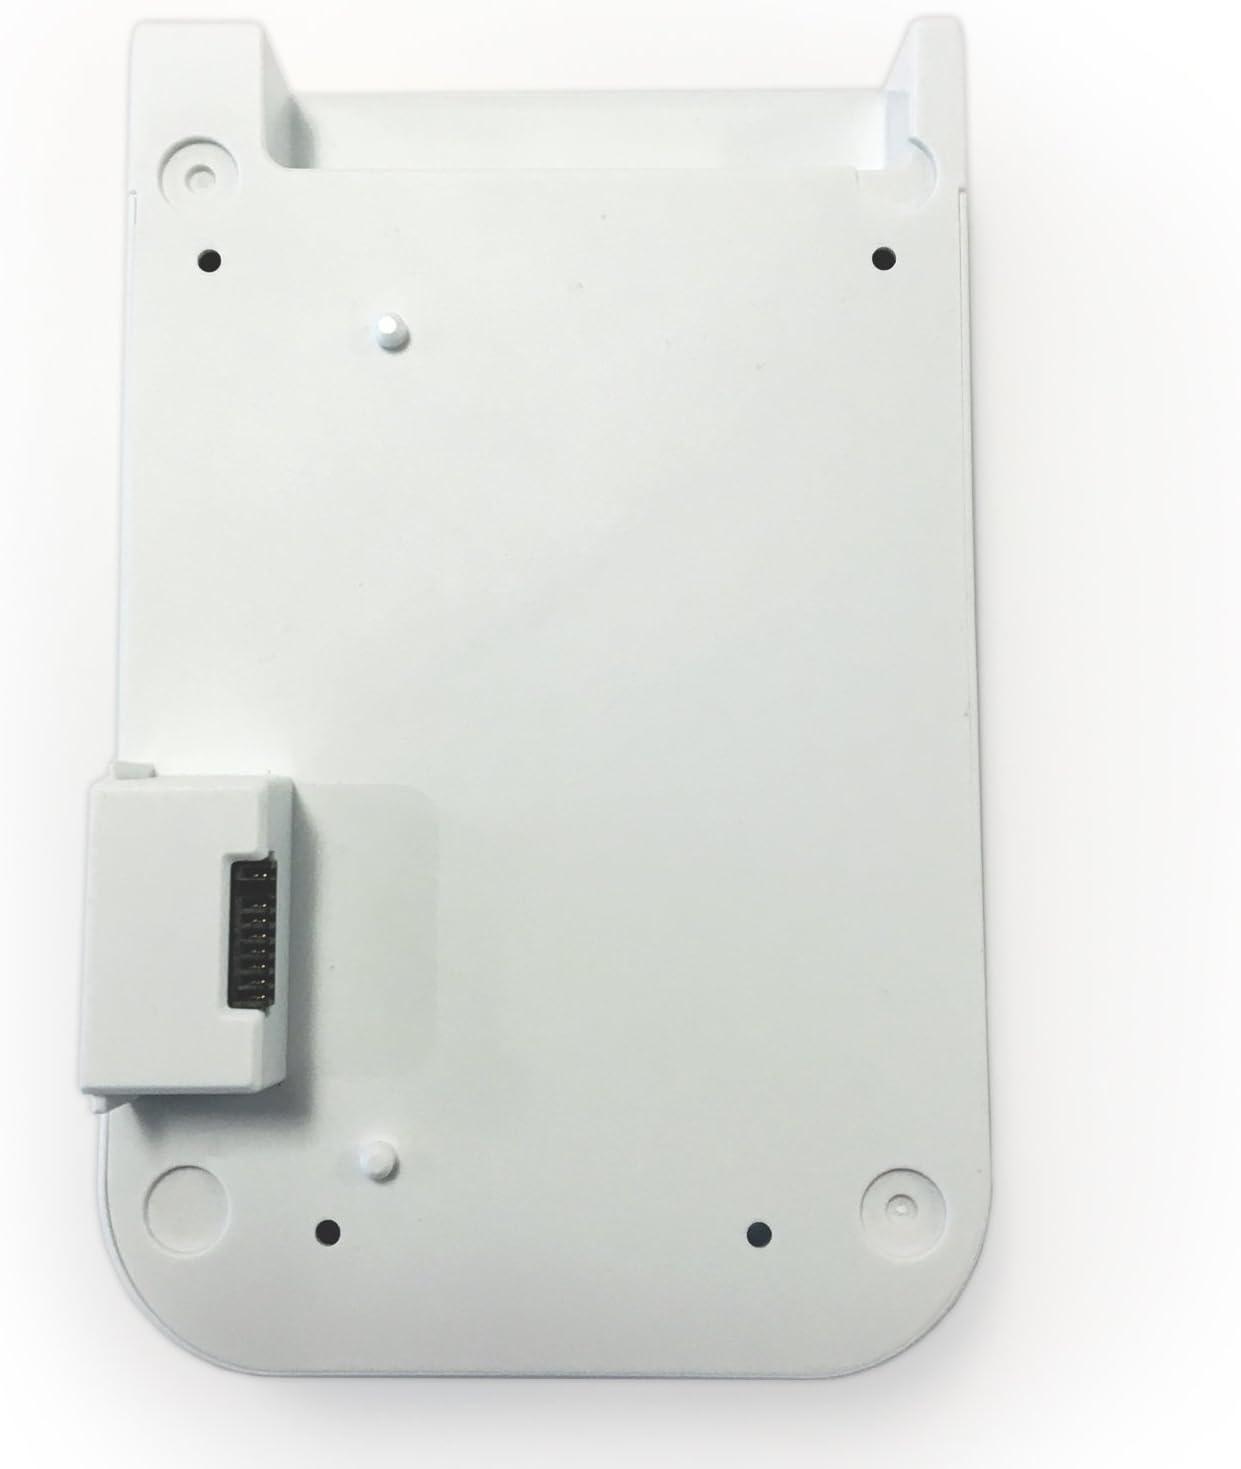 Amazon.com: Brother Impresora pequeña batería de batería de ...